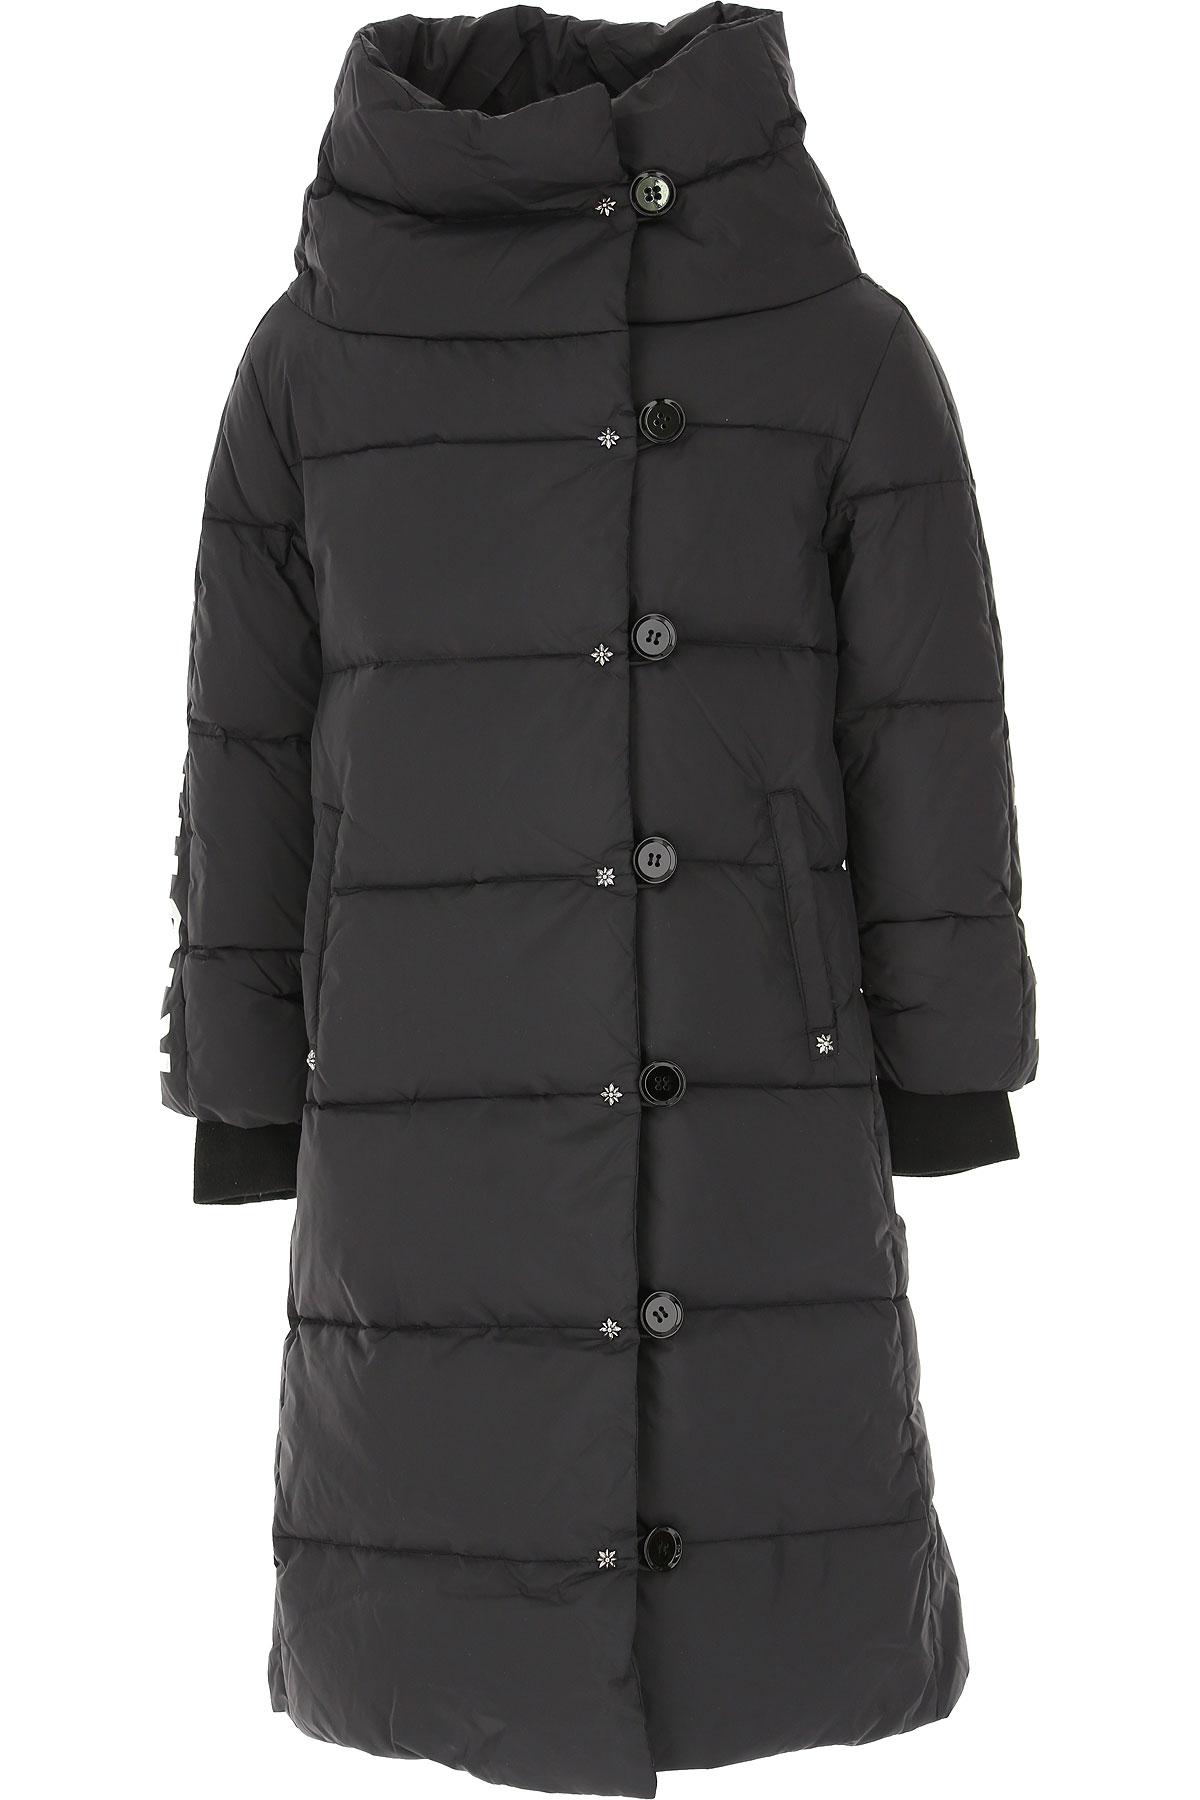 John Richmond Girls Down Jacket for Kids, Puffer Ski Jacket On Sale, Black, Nylon, 2019, 10Y 12Y 14Y 16Y 8Y